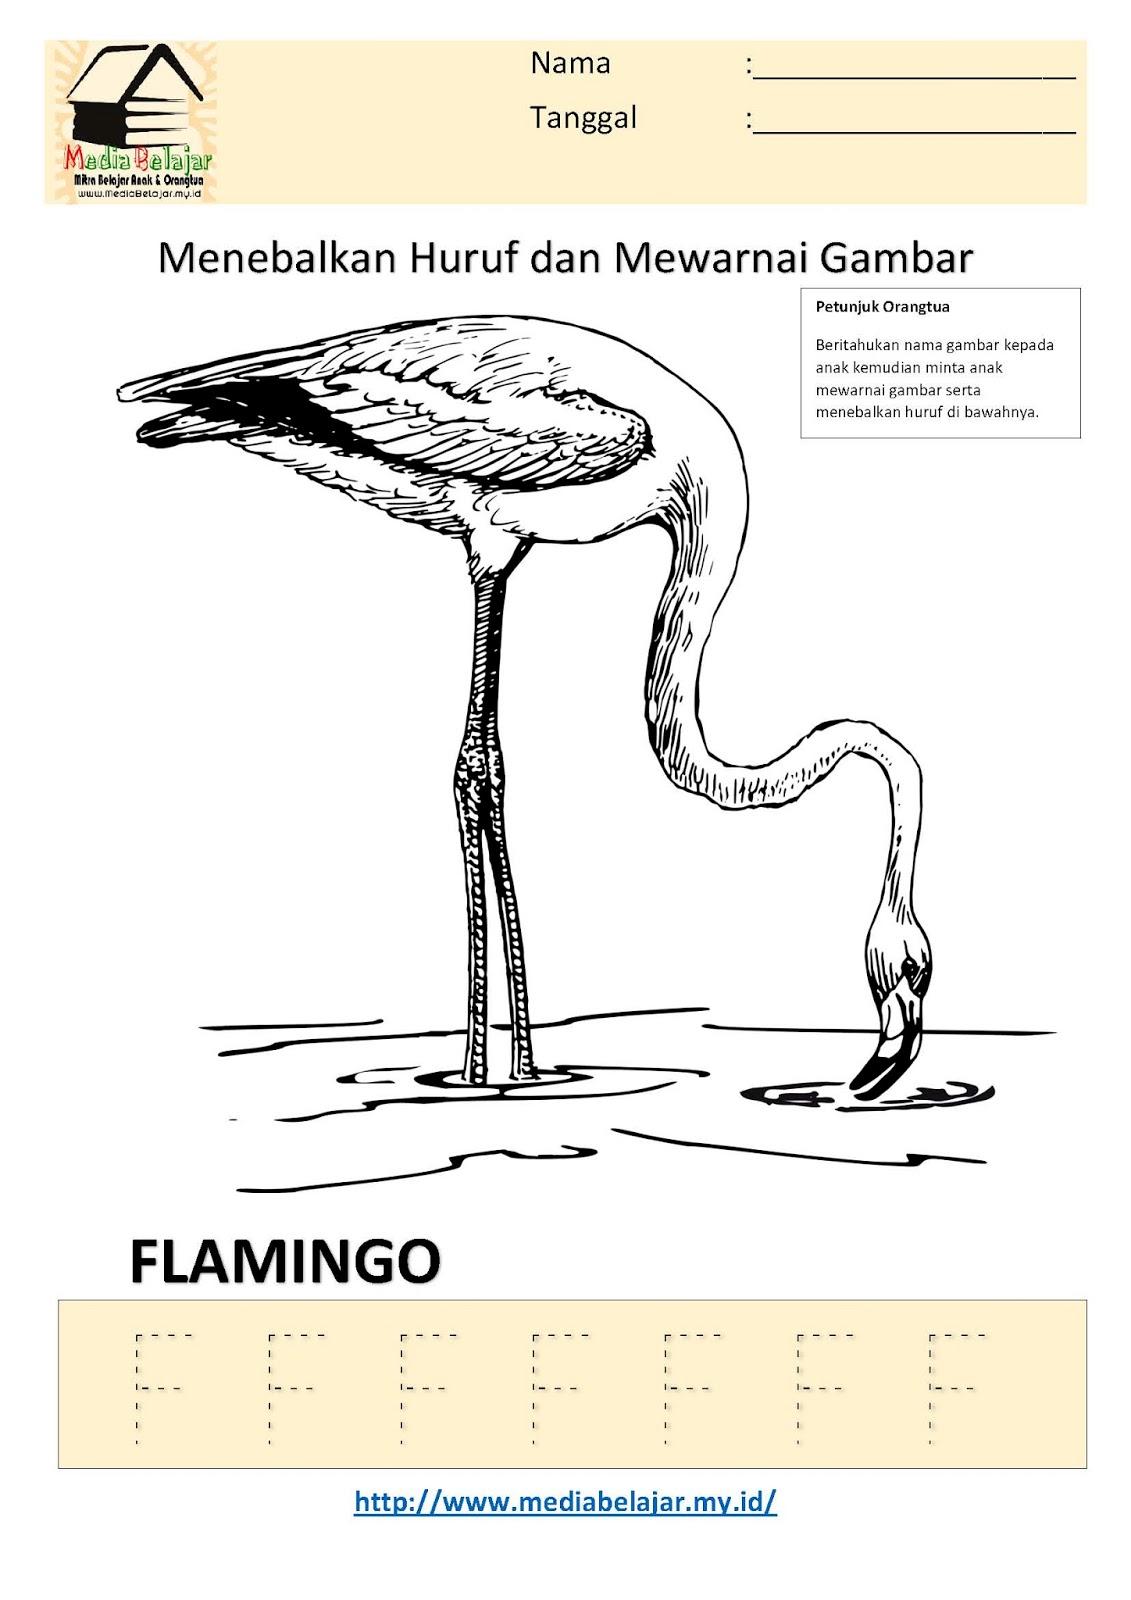 Lembar Kerja Paud Menebalkan Huruf F dan Mewarnai Gambar Flamingo